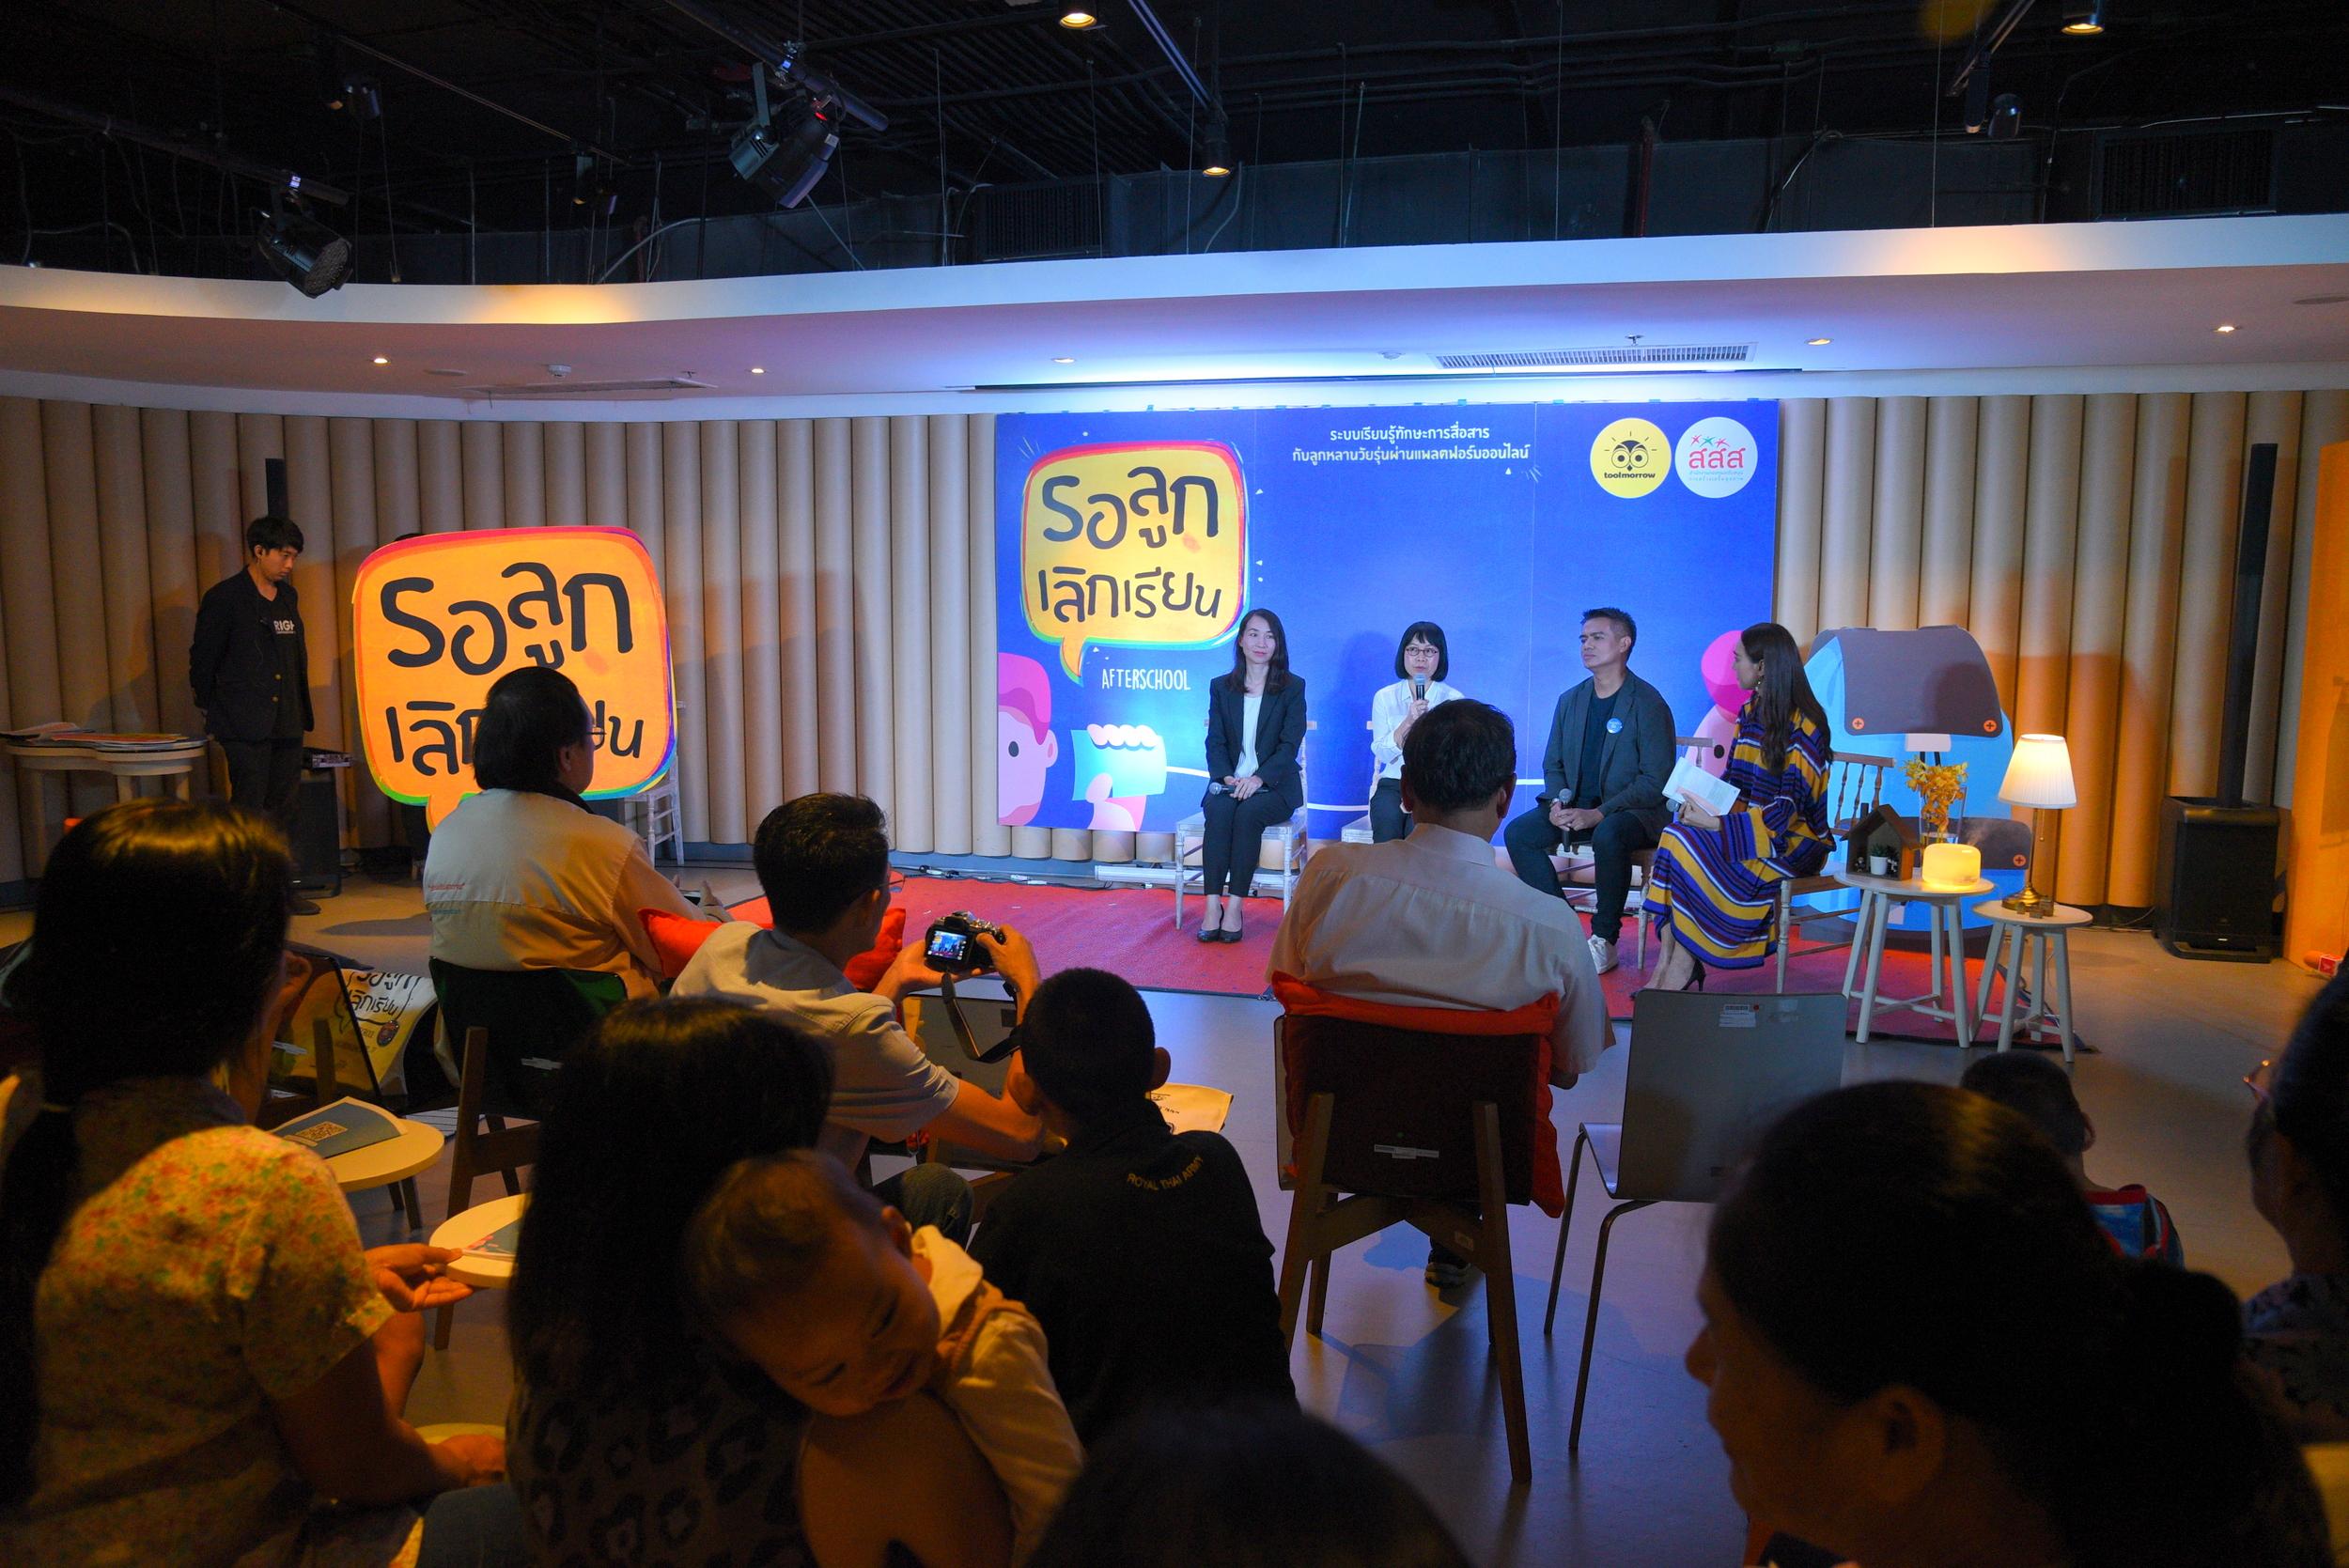 AFTER SCHOOL เครื่องมือเลี้ยงลูกยุค 4.0 thaihealth